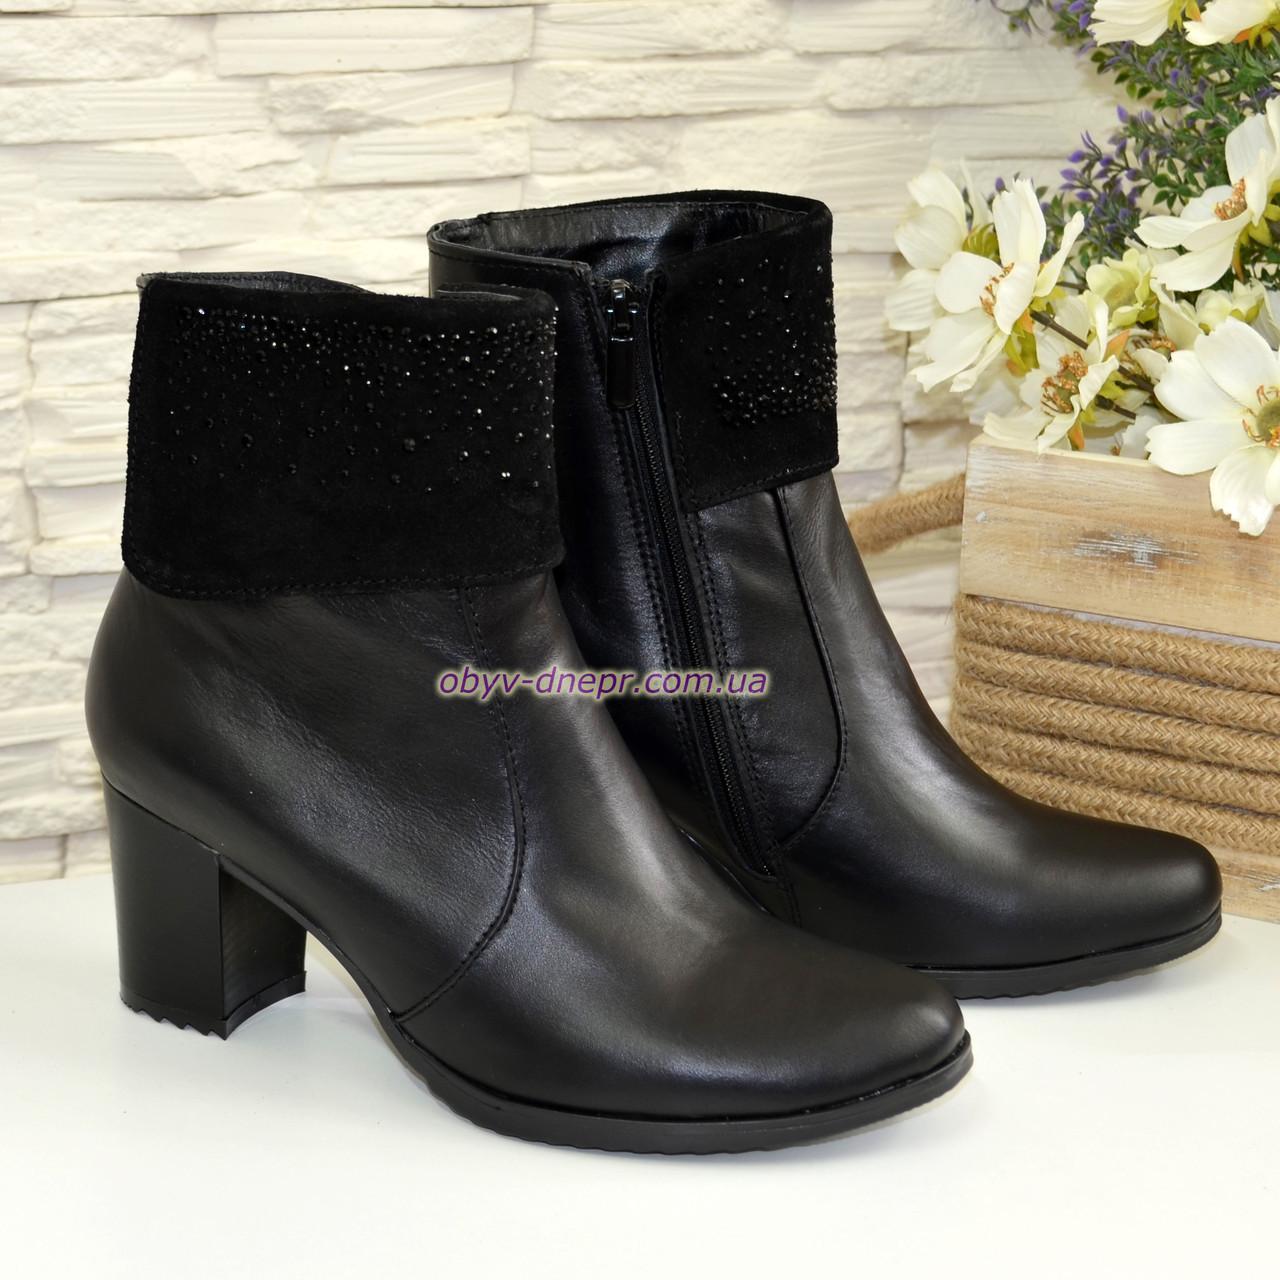 Женские черные кожаные демисезонные ботинки на каблуке, декорированы стразами